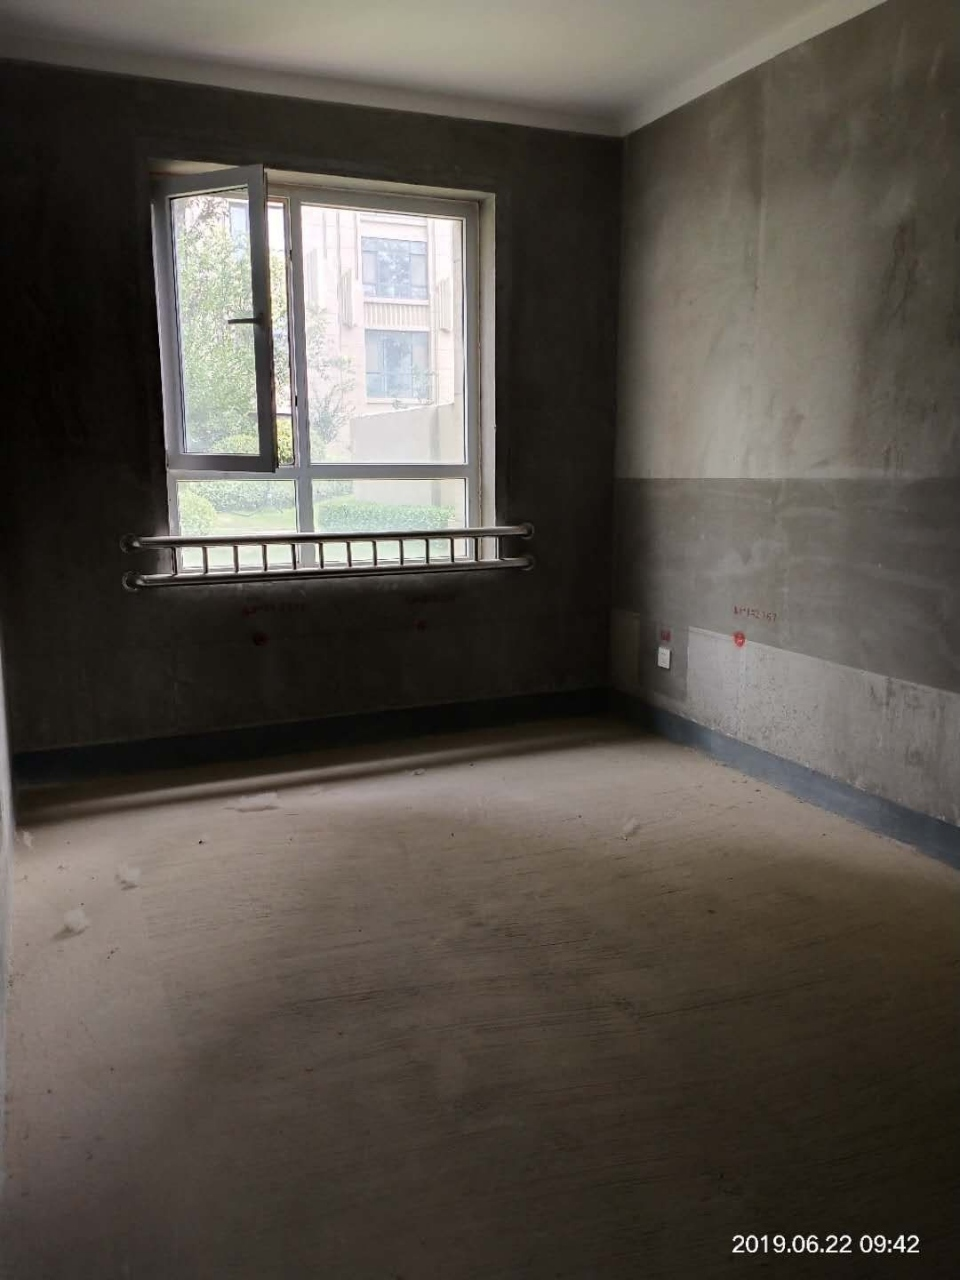 建业壹号城邦电梯洋房三室两厅两卫南北通透